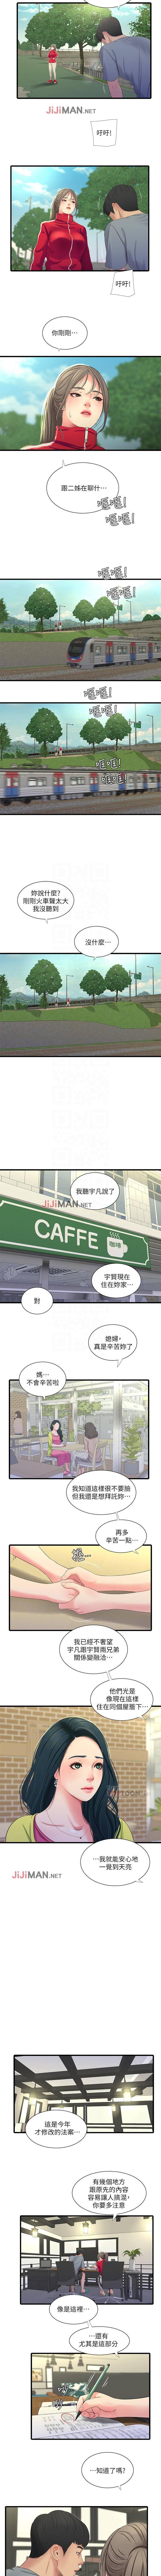 【周四连载】亲家四姐妹(作者:愛摸) 第1~37话 181